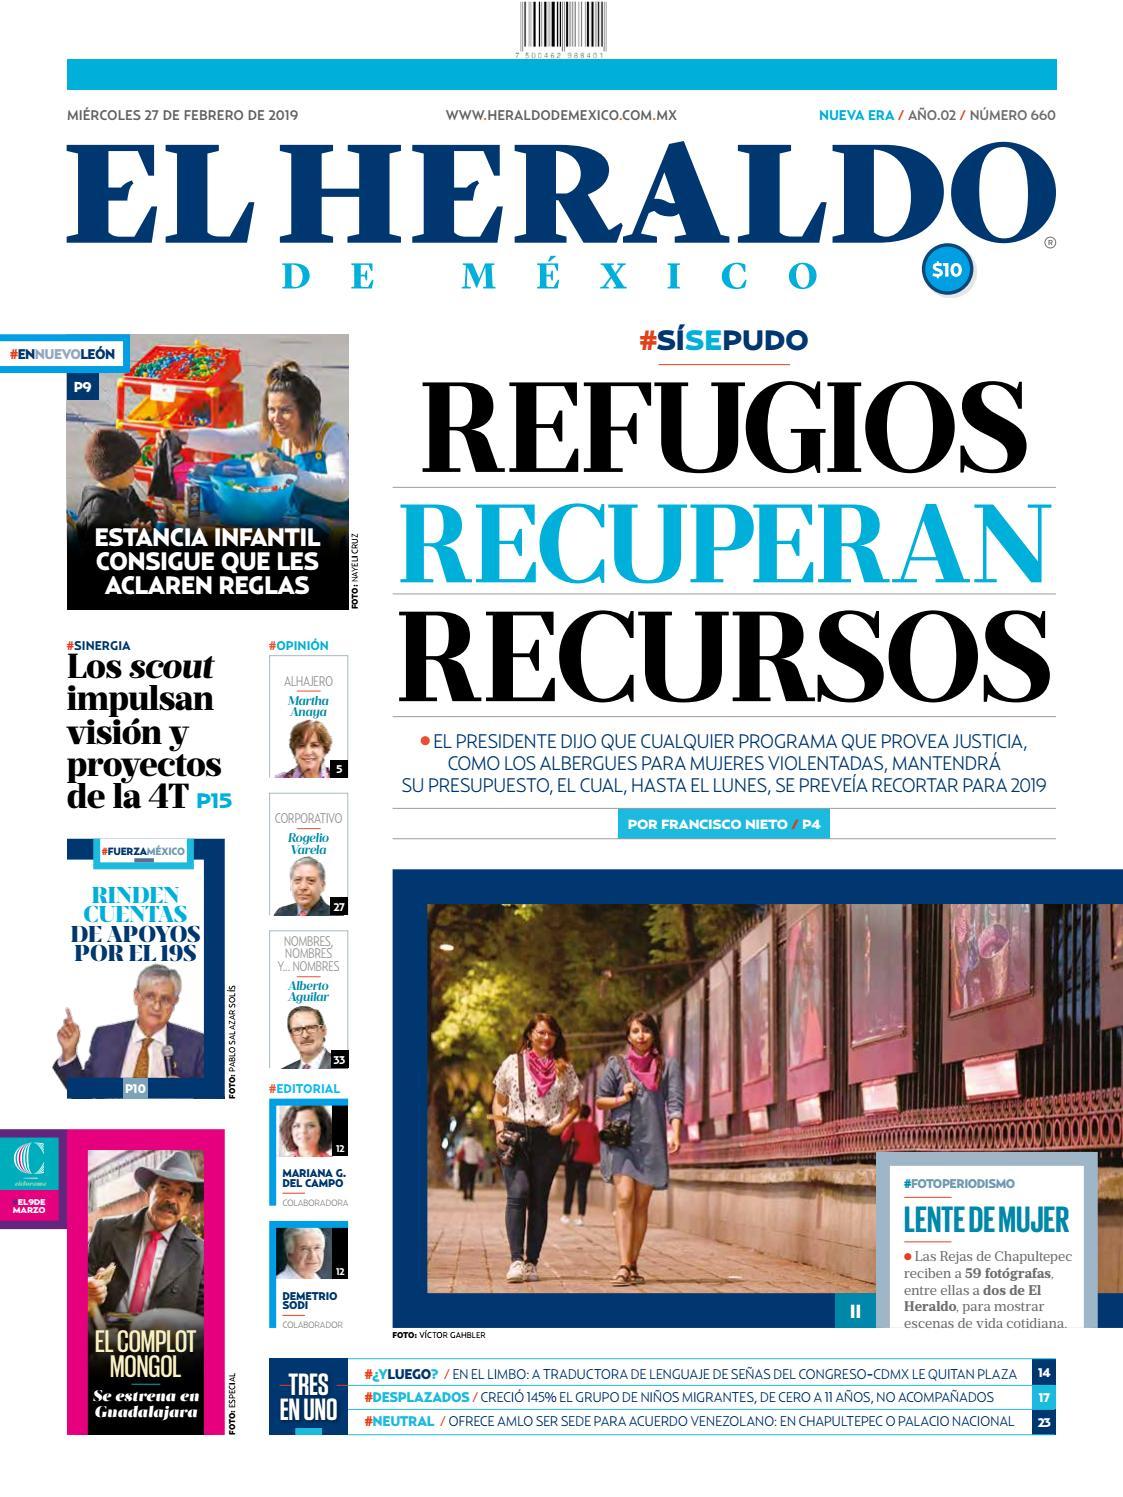 Miércoles 27 de febrero de 2019 by El Heraldo de México - issuu 153dedefc15e